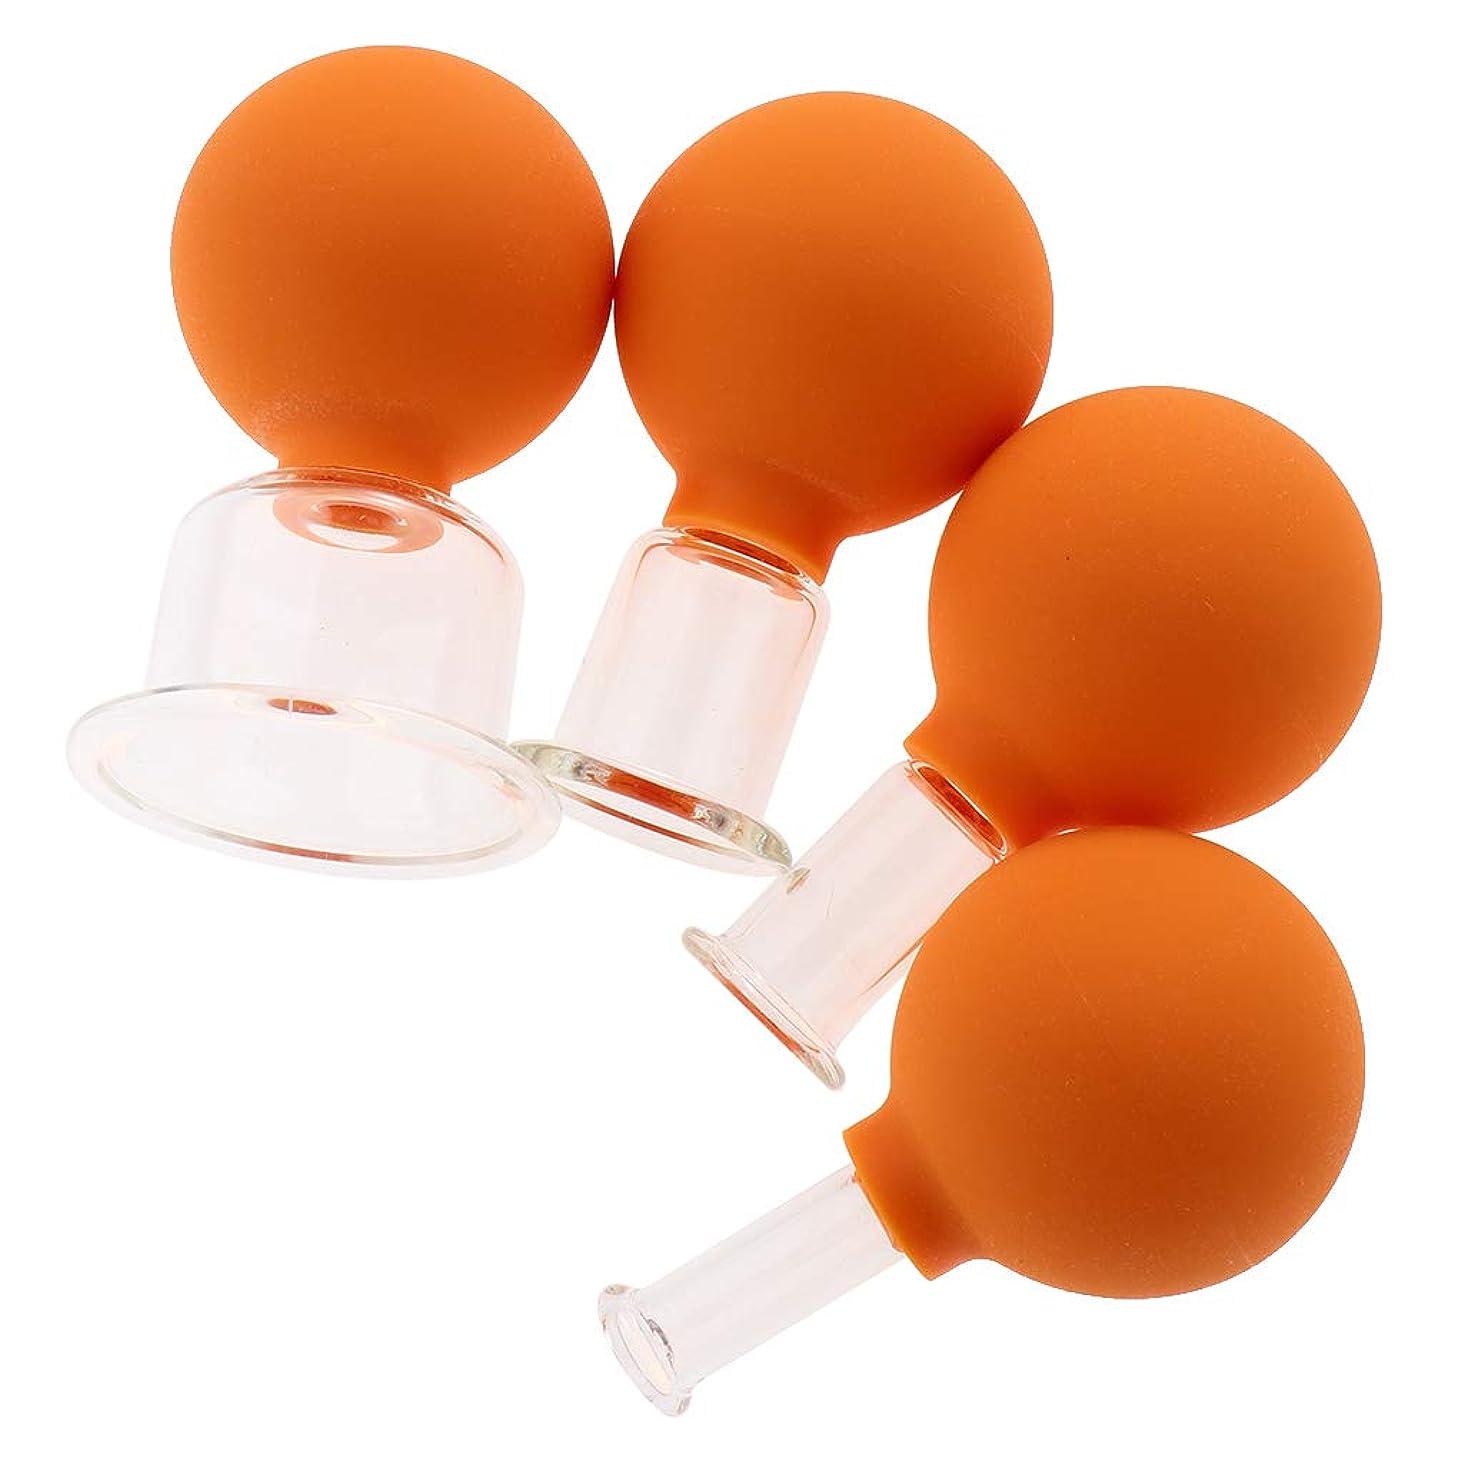 リアル磁石メディアF Fityle マッサージ吸い玉 マッサージカップ ガラスカッピング ゴム 真空 男女兼用 4個 全3色 - オレンジ